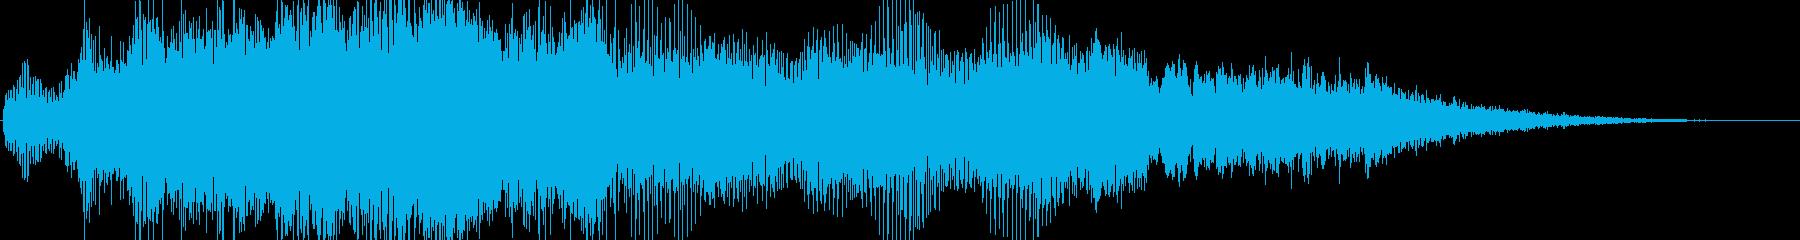 ファンファーレみたいにも使えるの再生済みの波形